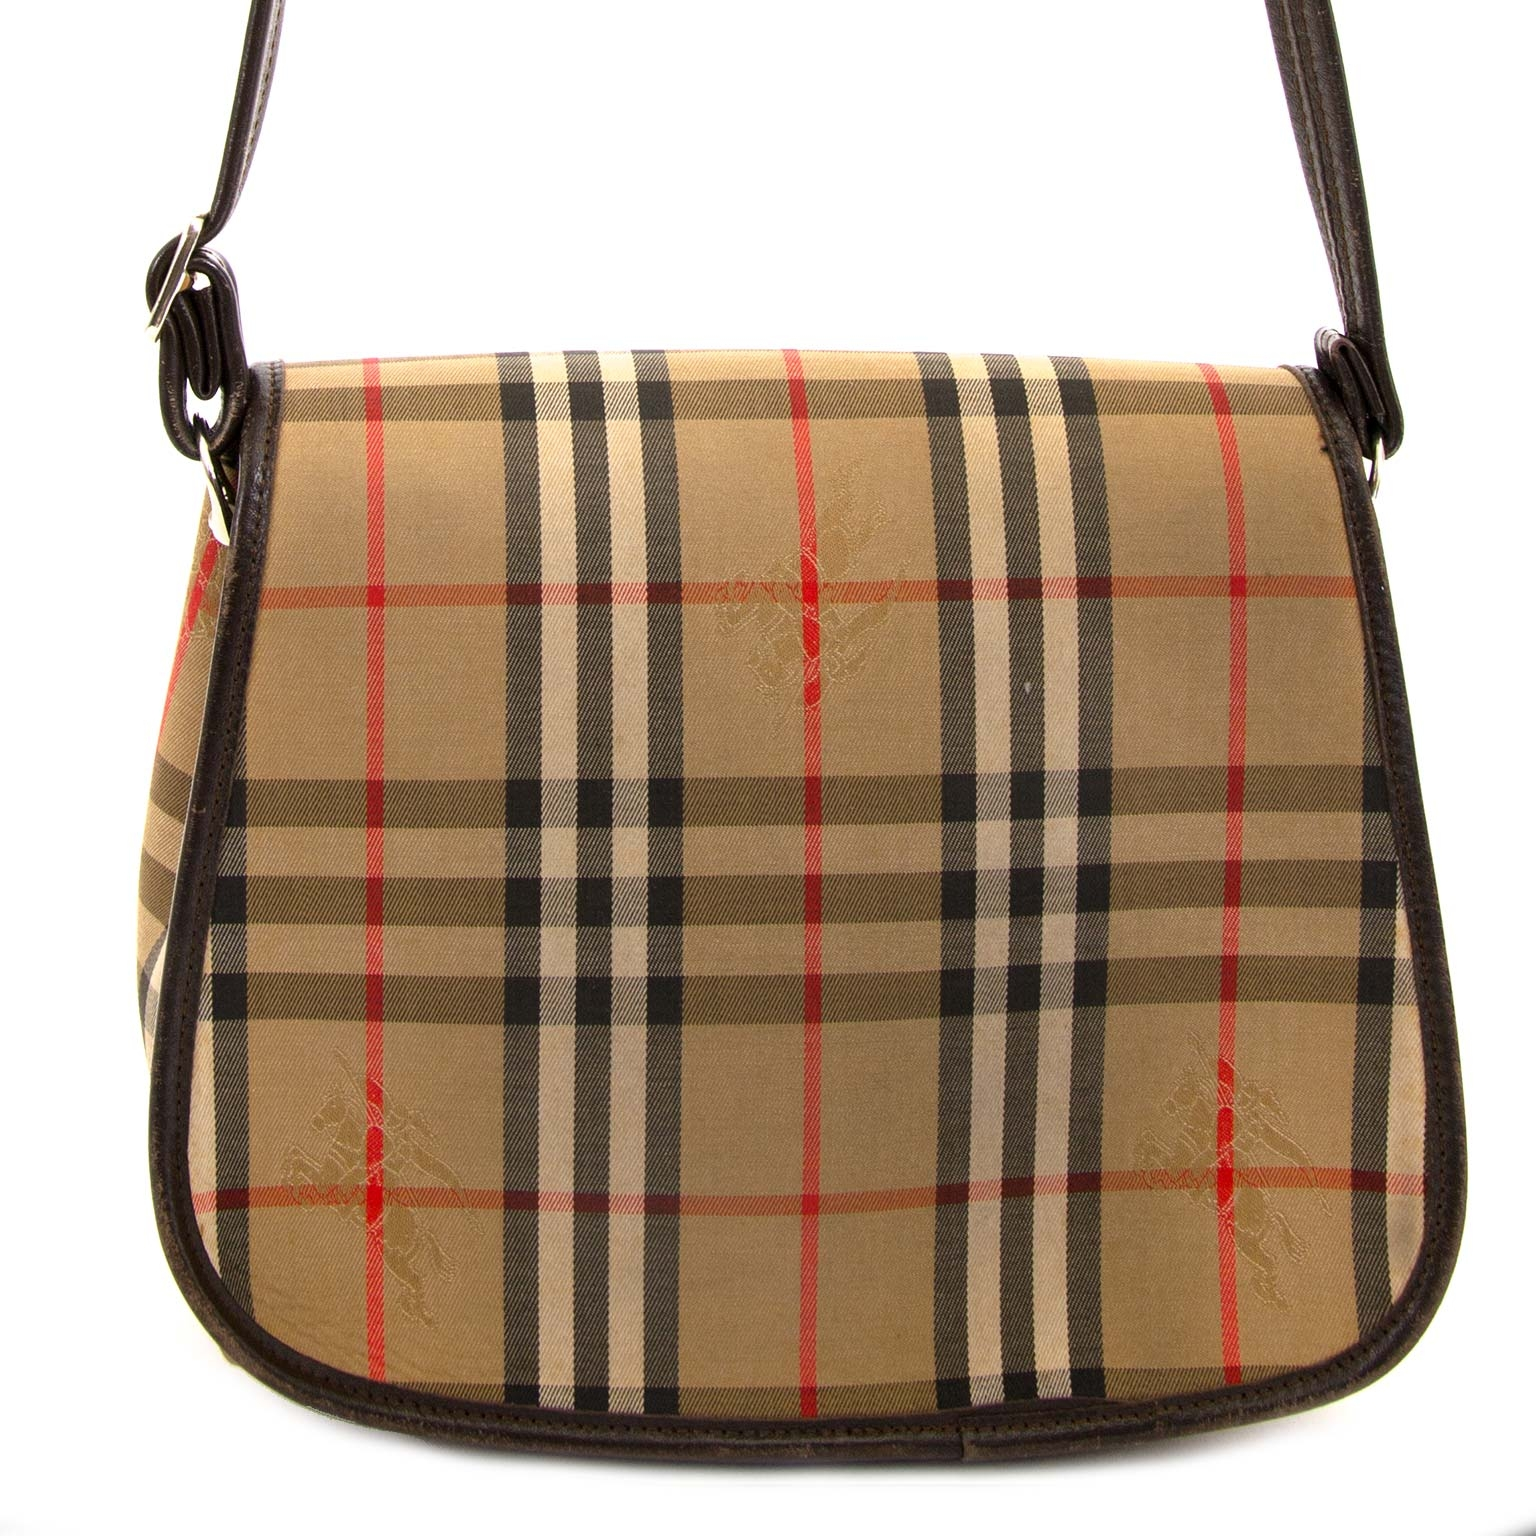 achetez Burberry Crossbody bag chez labellov pour le meileur prix